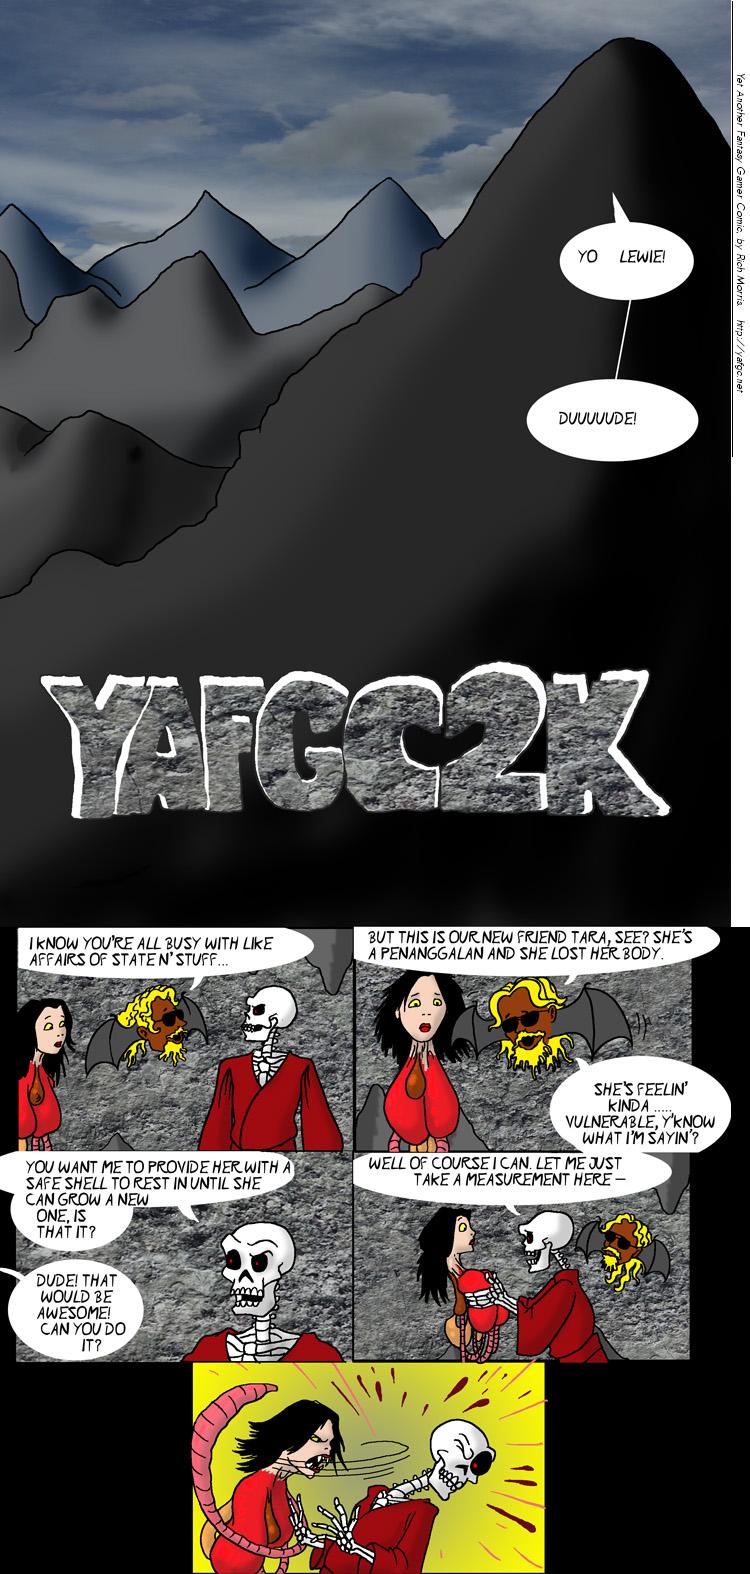 2000 YAFGC2K